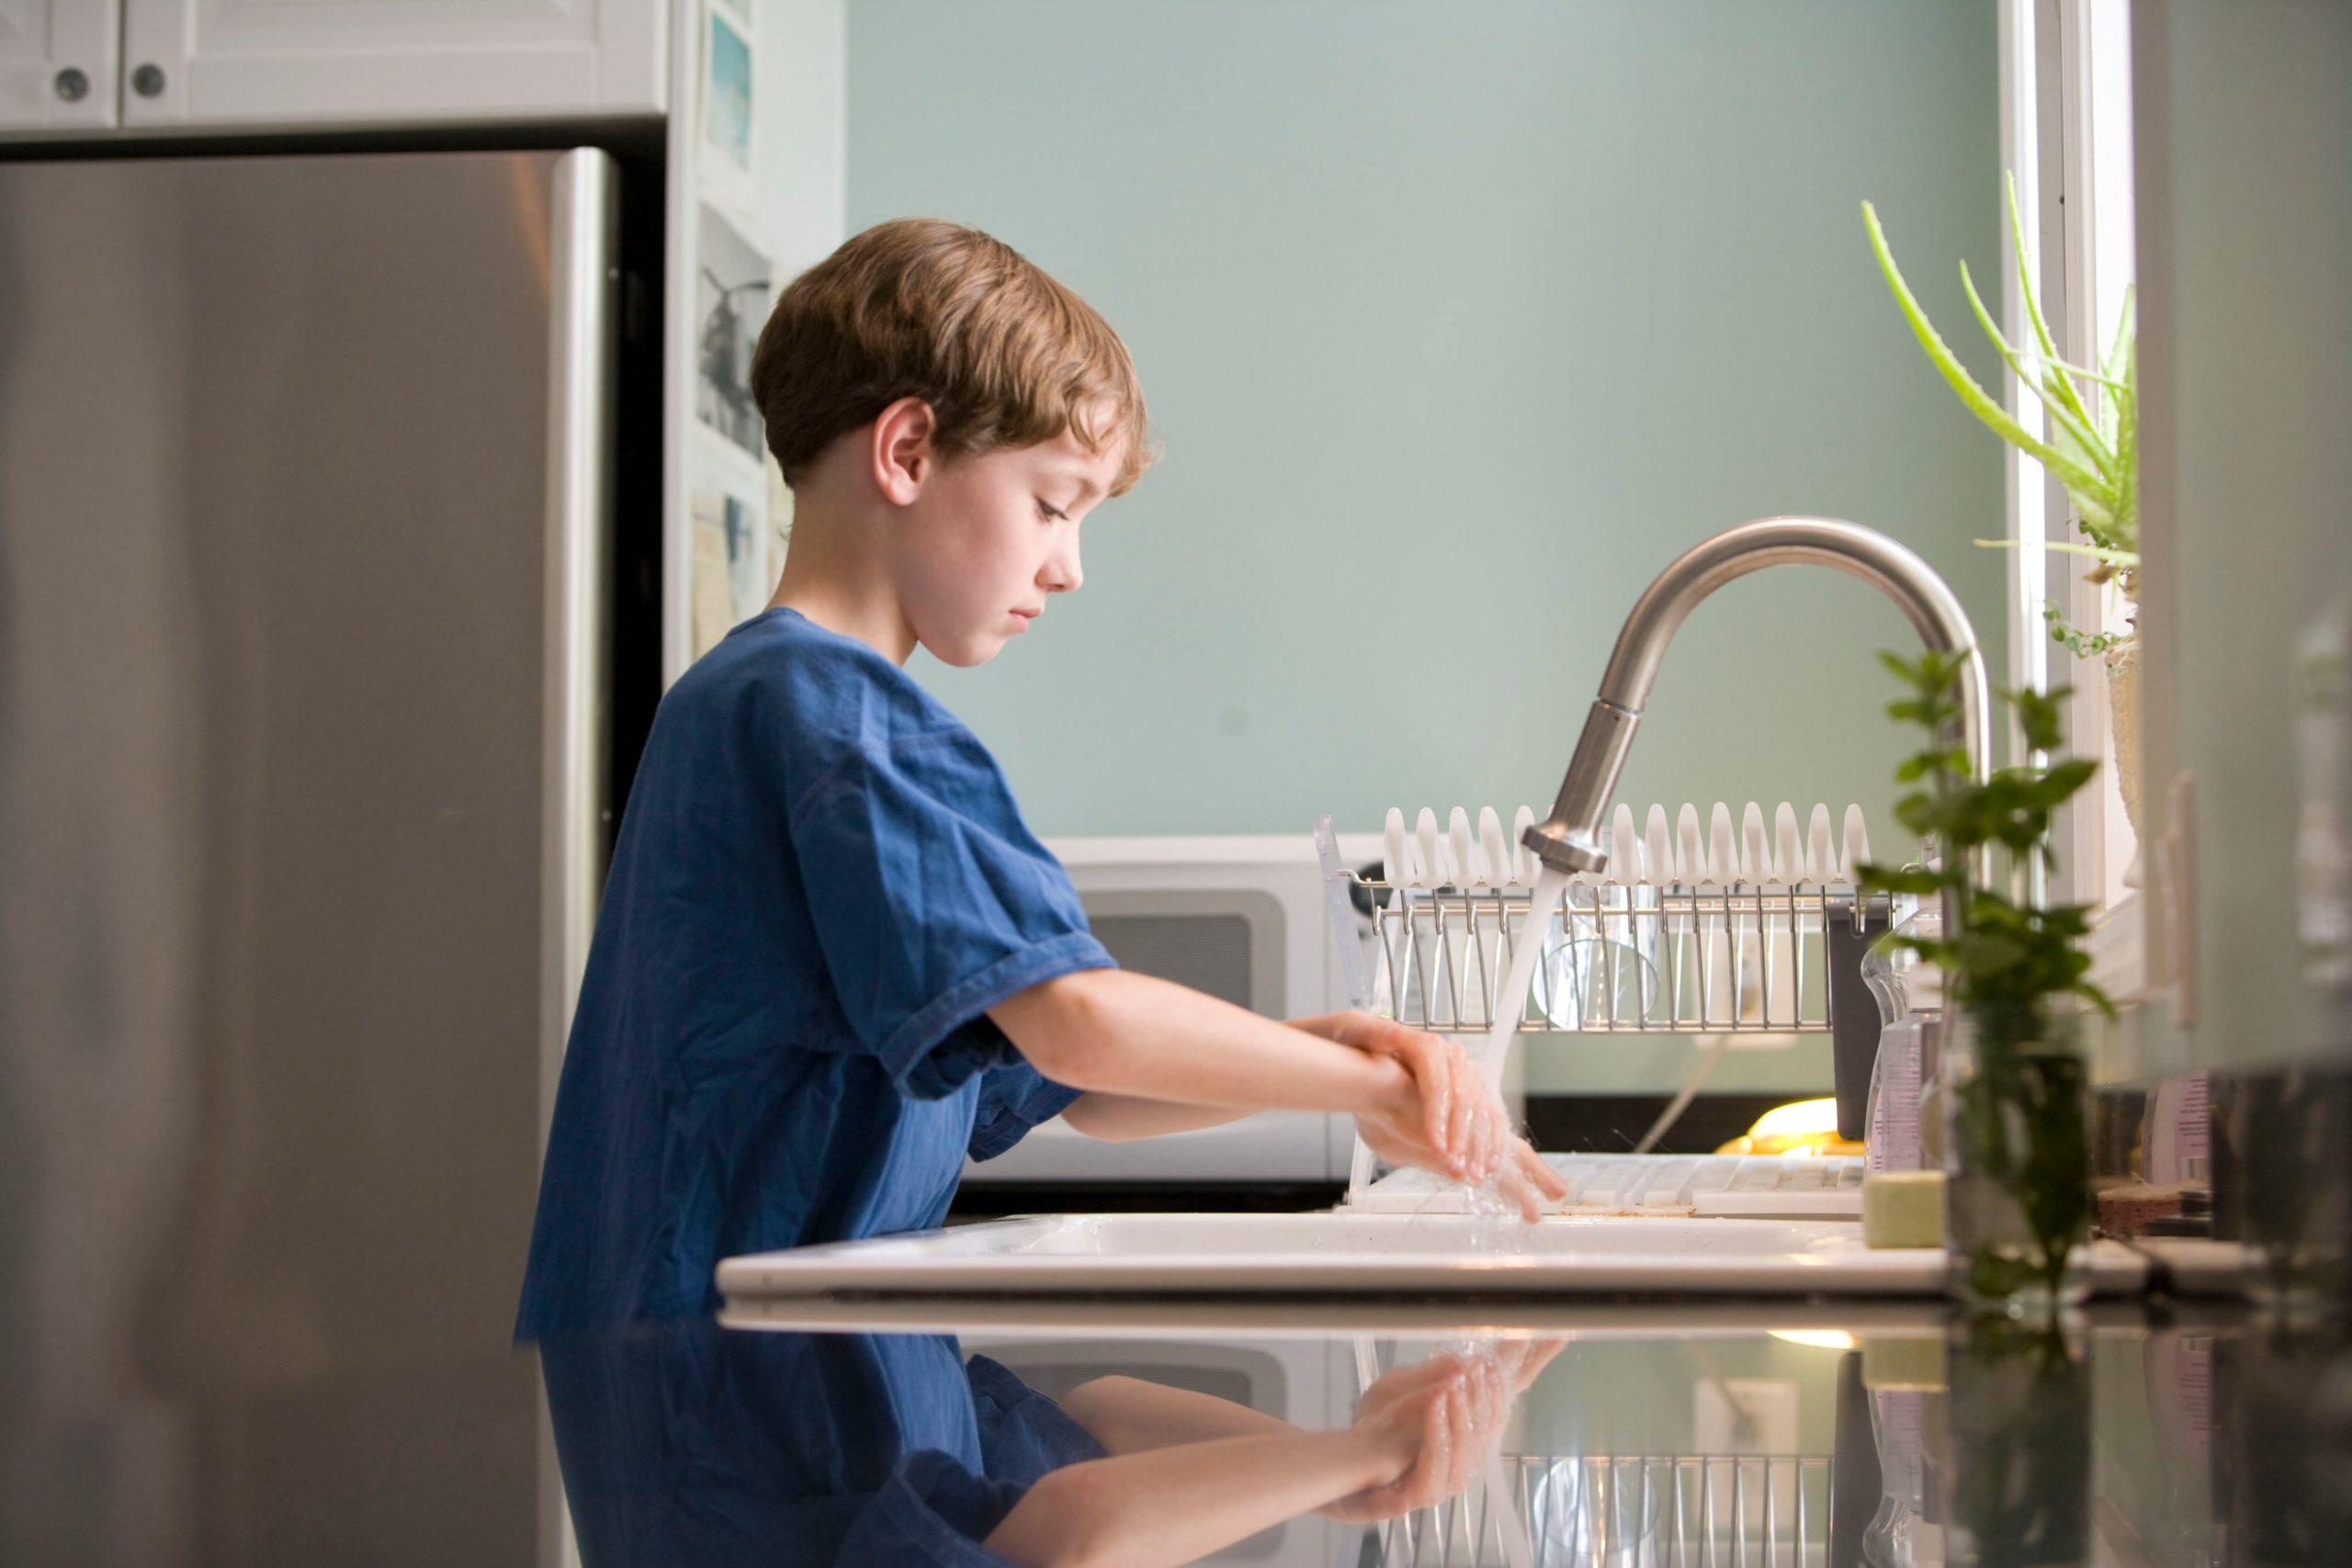 【新型コロナ】子供が家にいる家庭の「補助金・助成金まとめ」【新型コロナ】子供が家にいる家庭の「補助金・助成金まとめ」